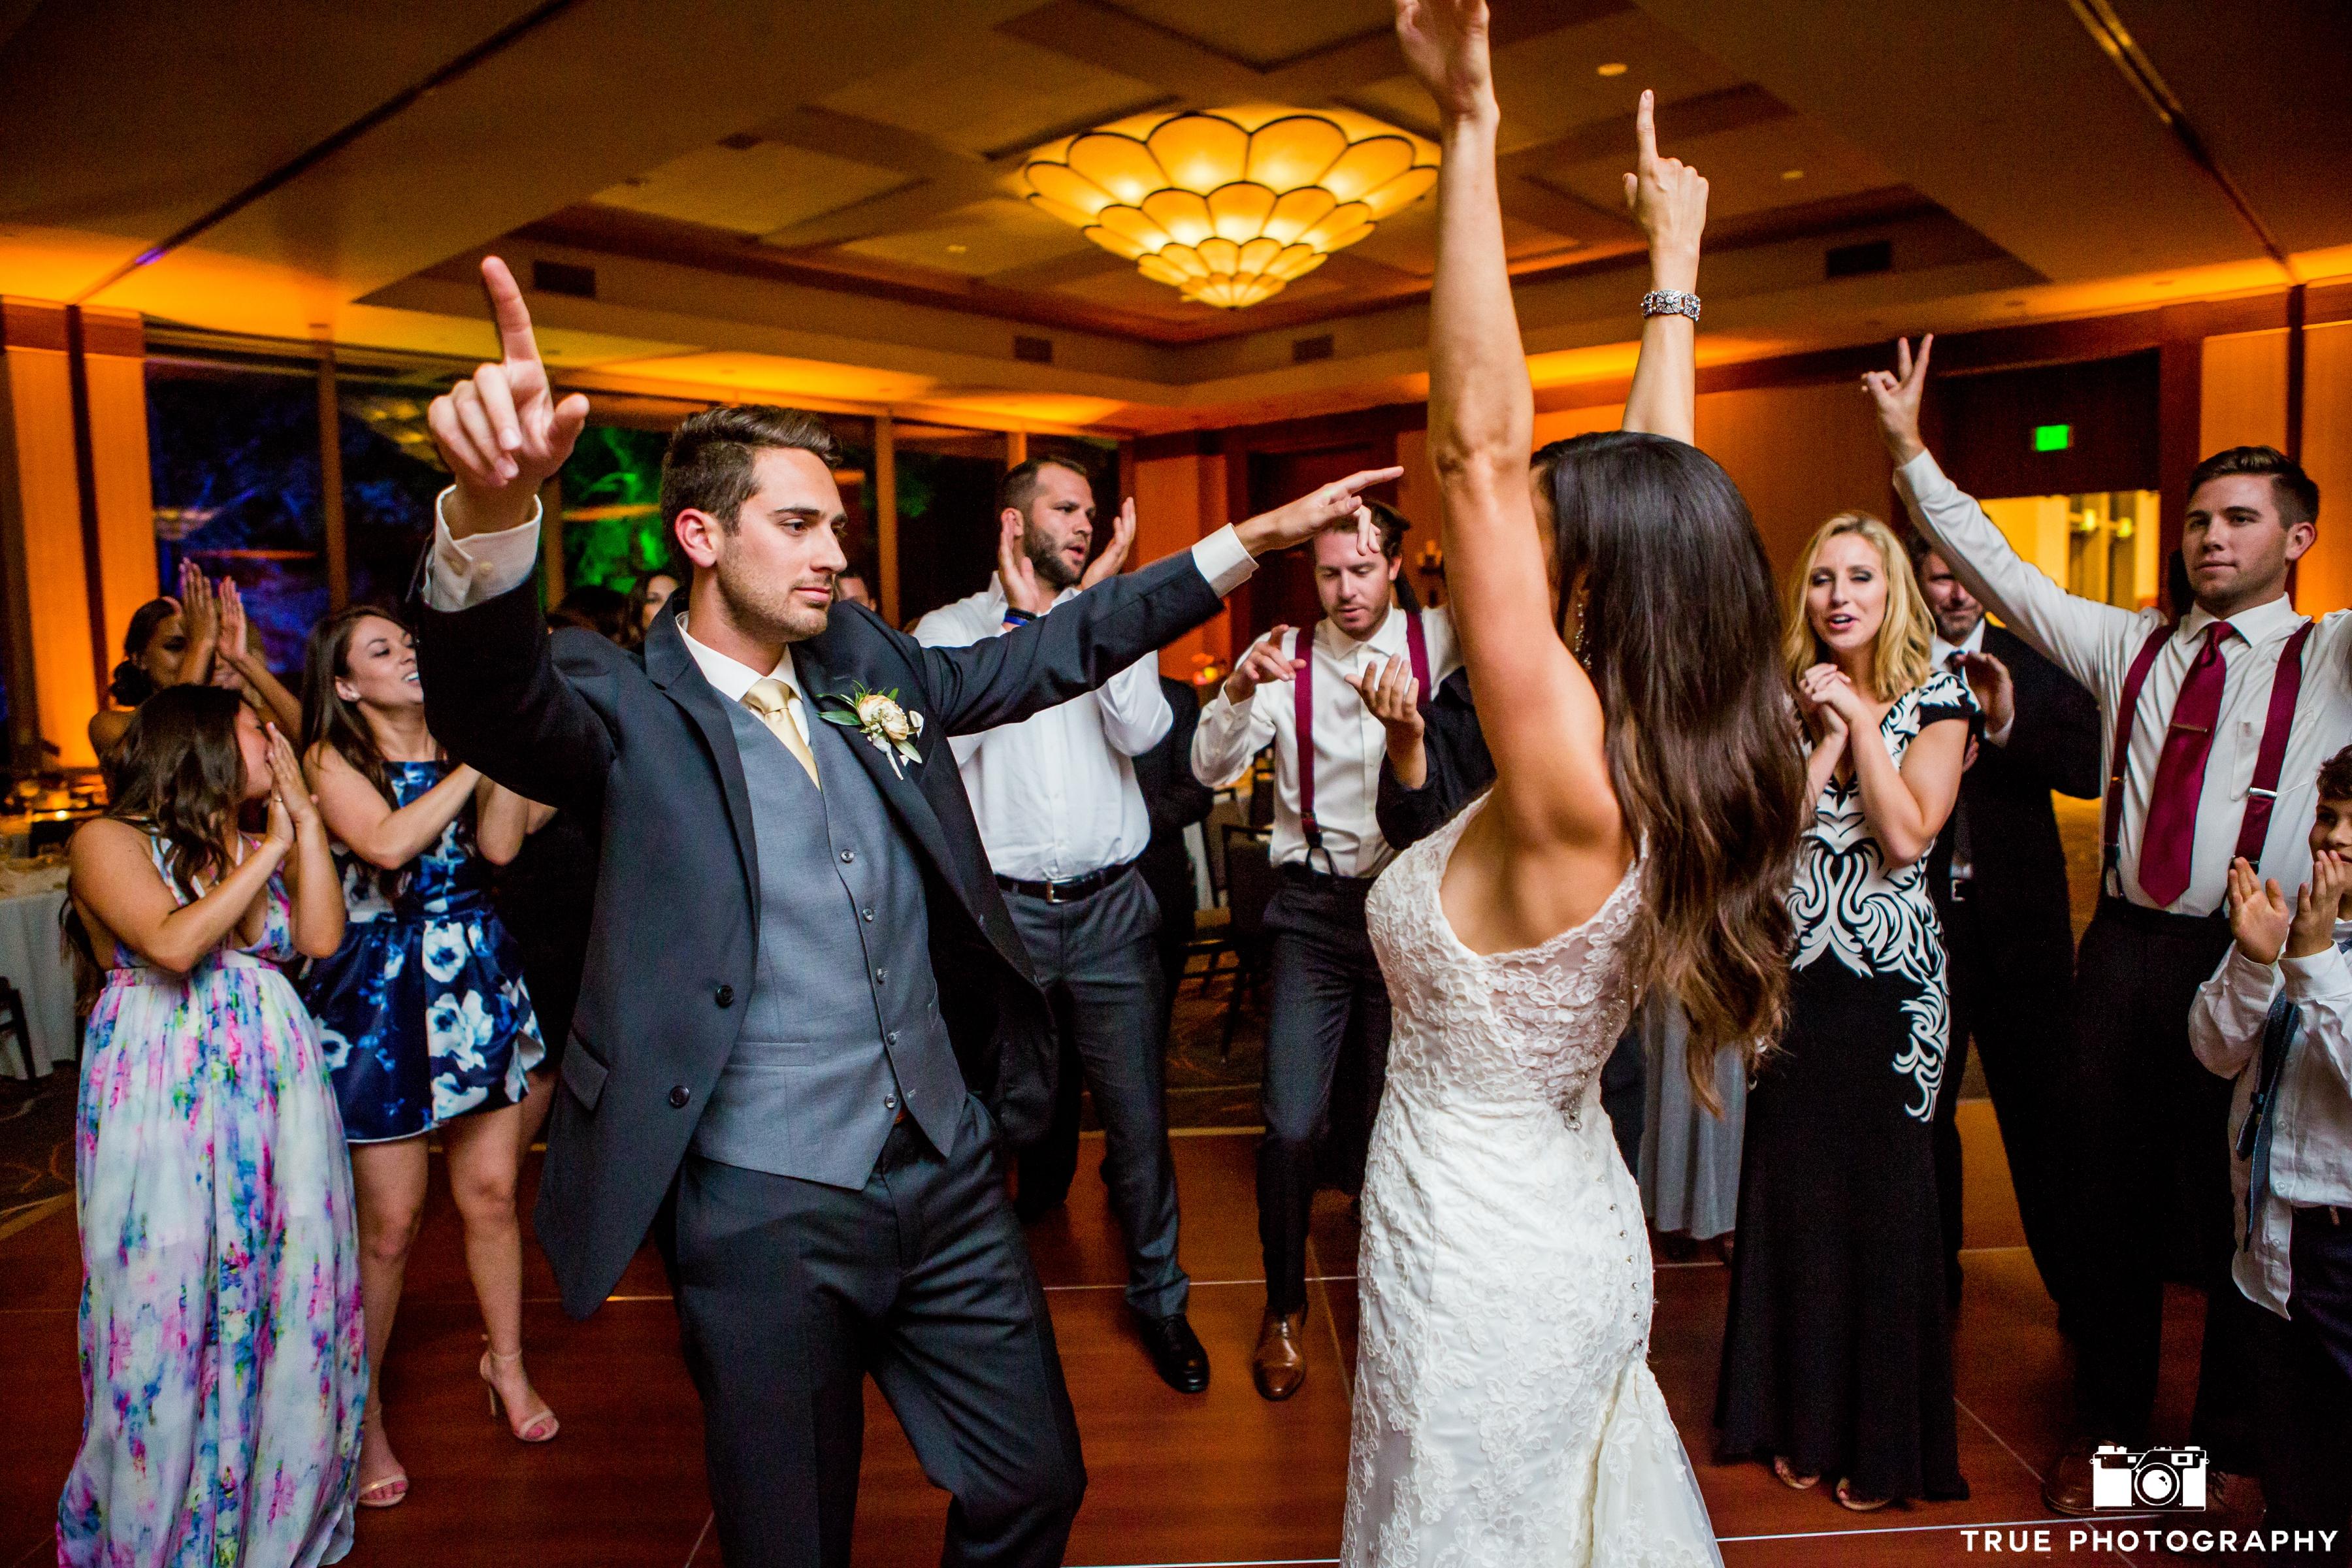 Vario Weddings - Vario Weddings